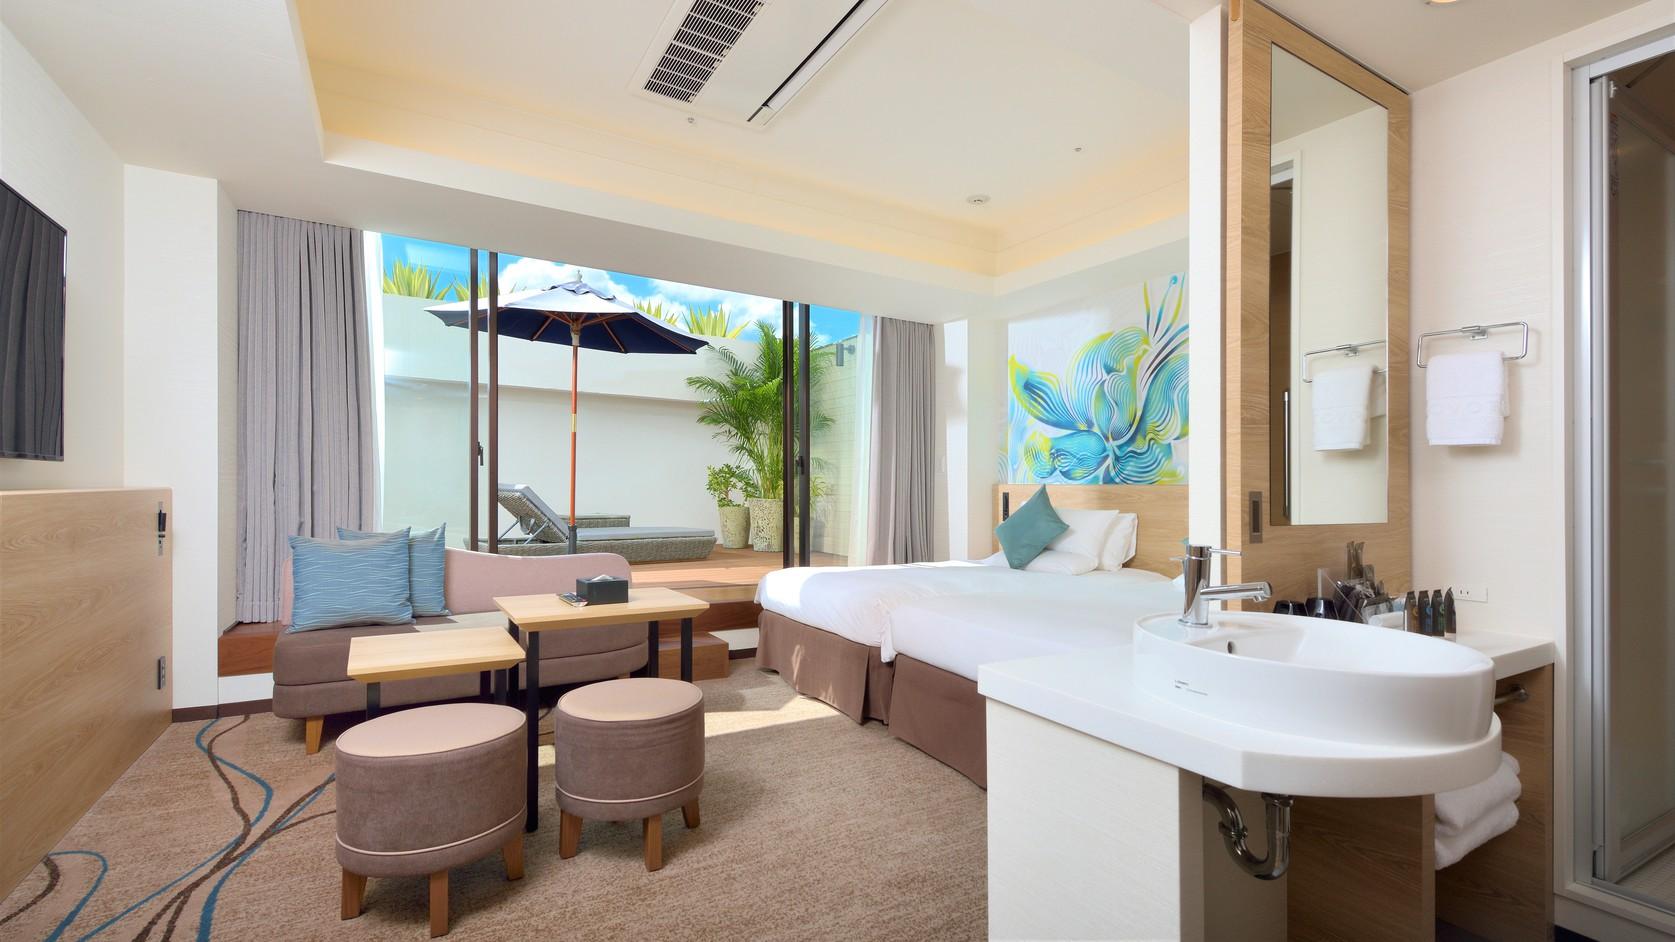 【テラスルーム34m2】お部屋内の「YOKANG」のウォールアートが沖縄滞在をより一層盛り上げます。